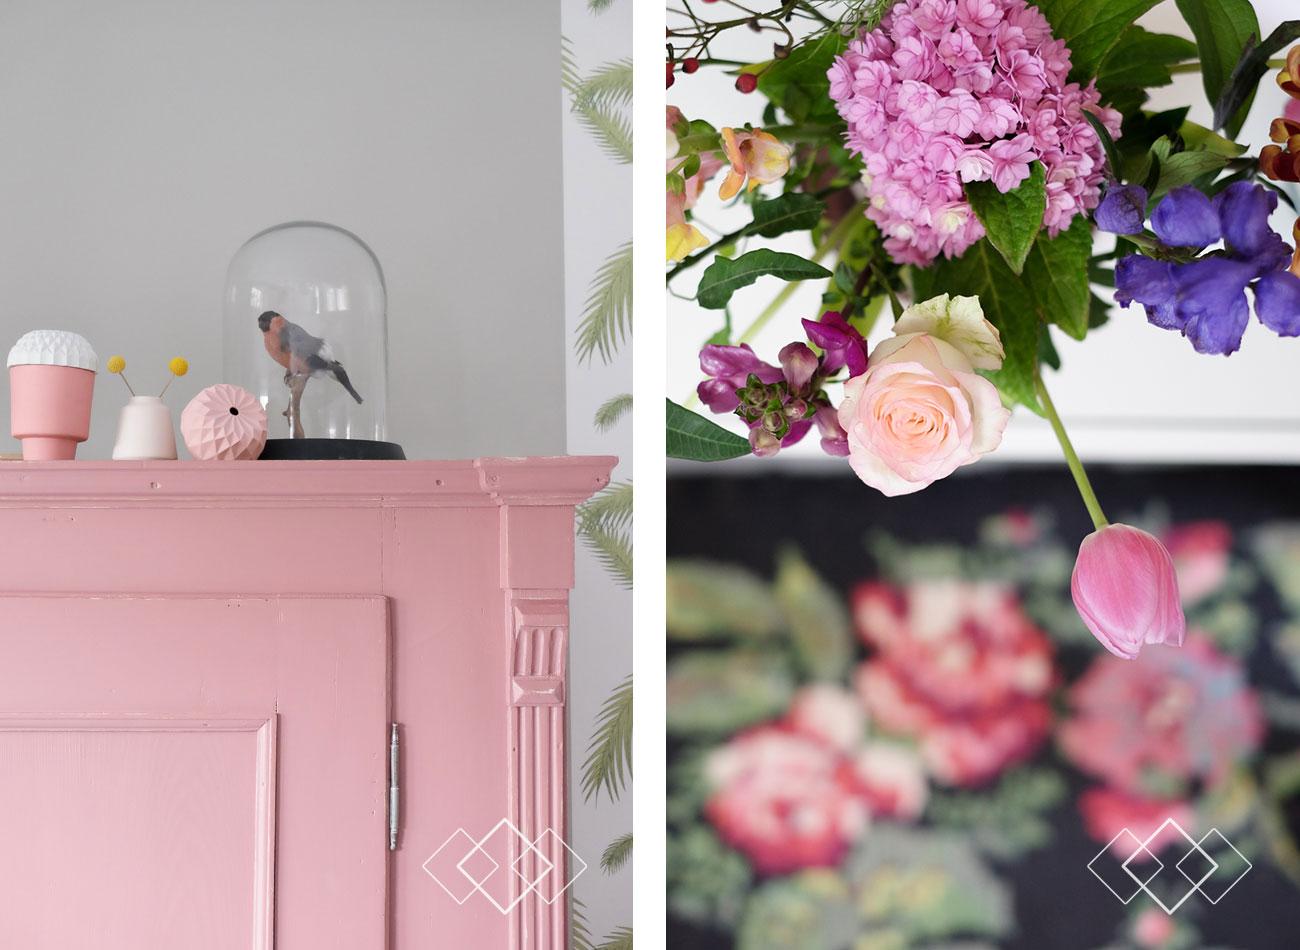 De roze kast – prchtg